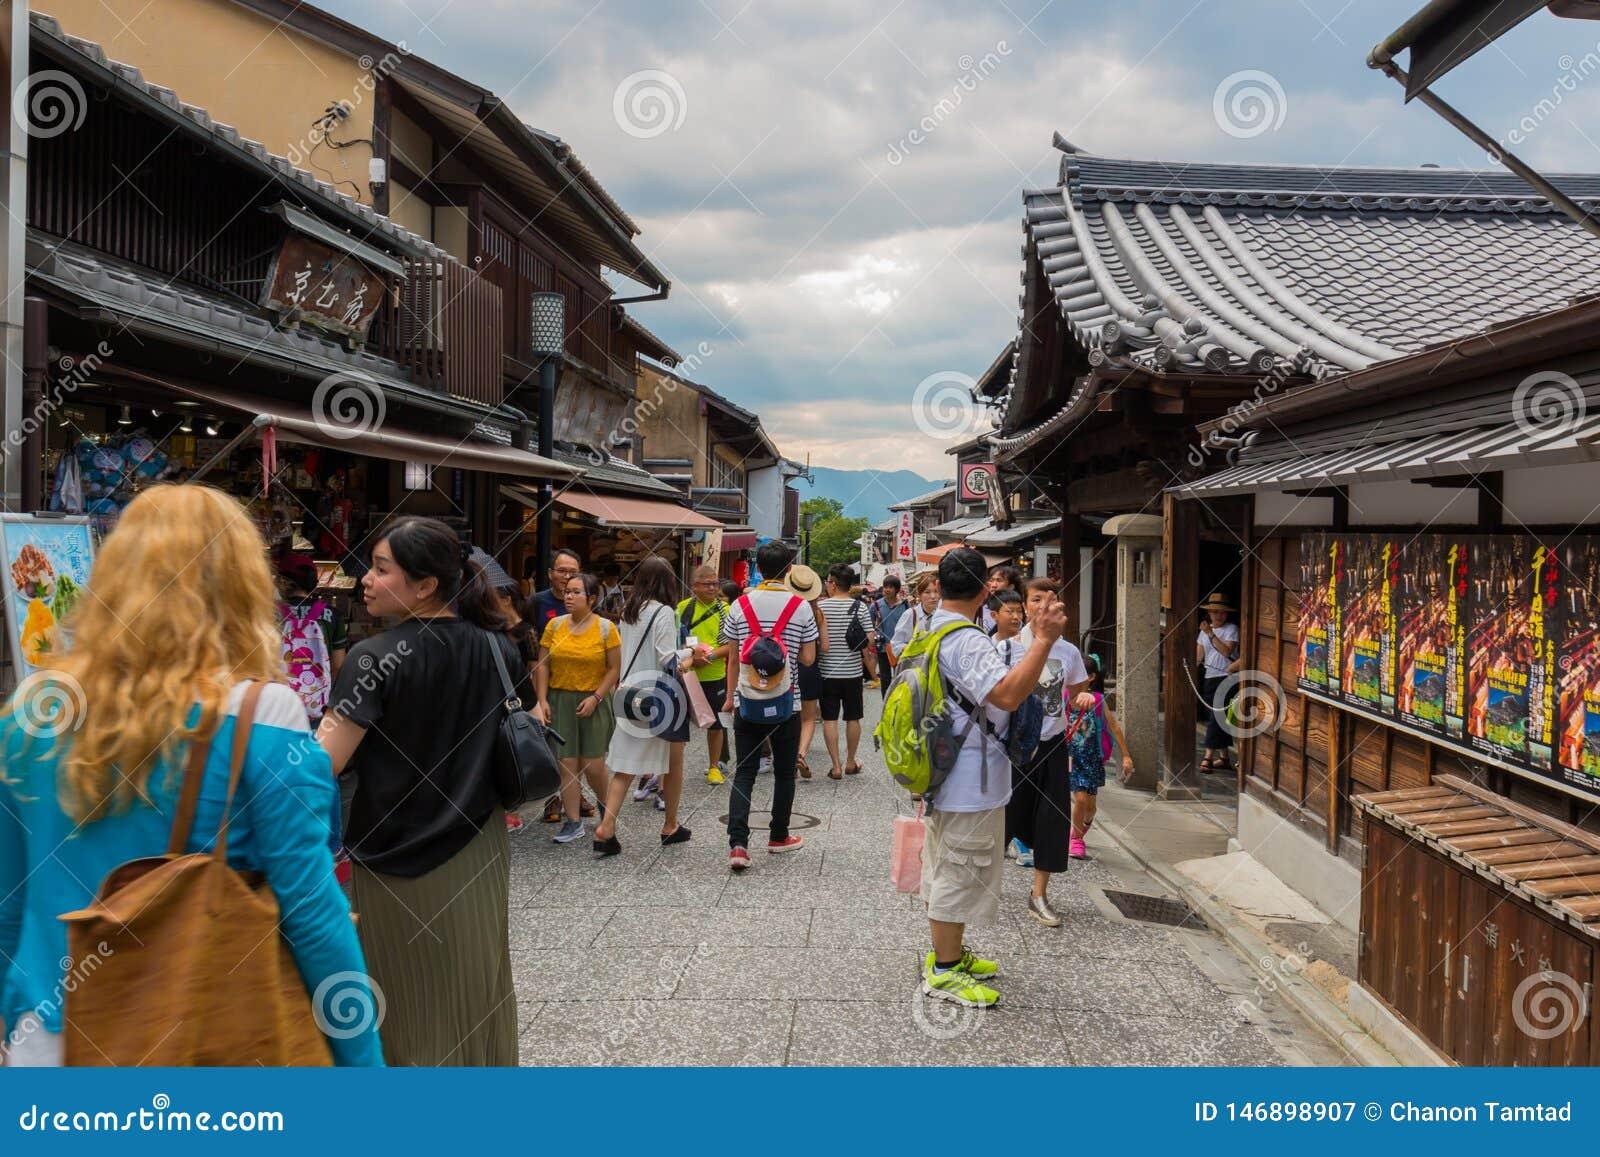 Les touristes marchent sur une rue autour du temple Kyoto, Japon de Kiyomizu-dera